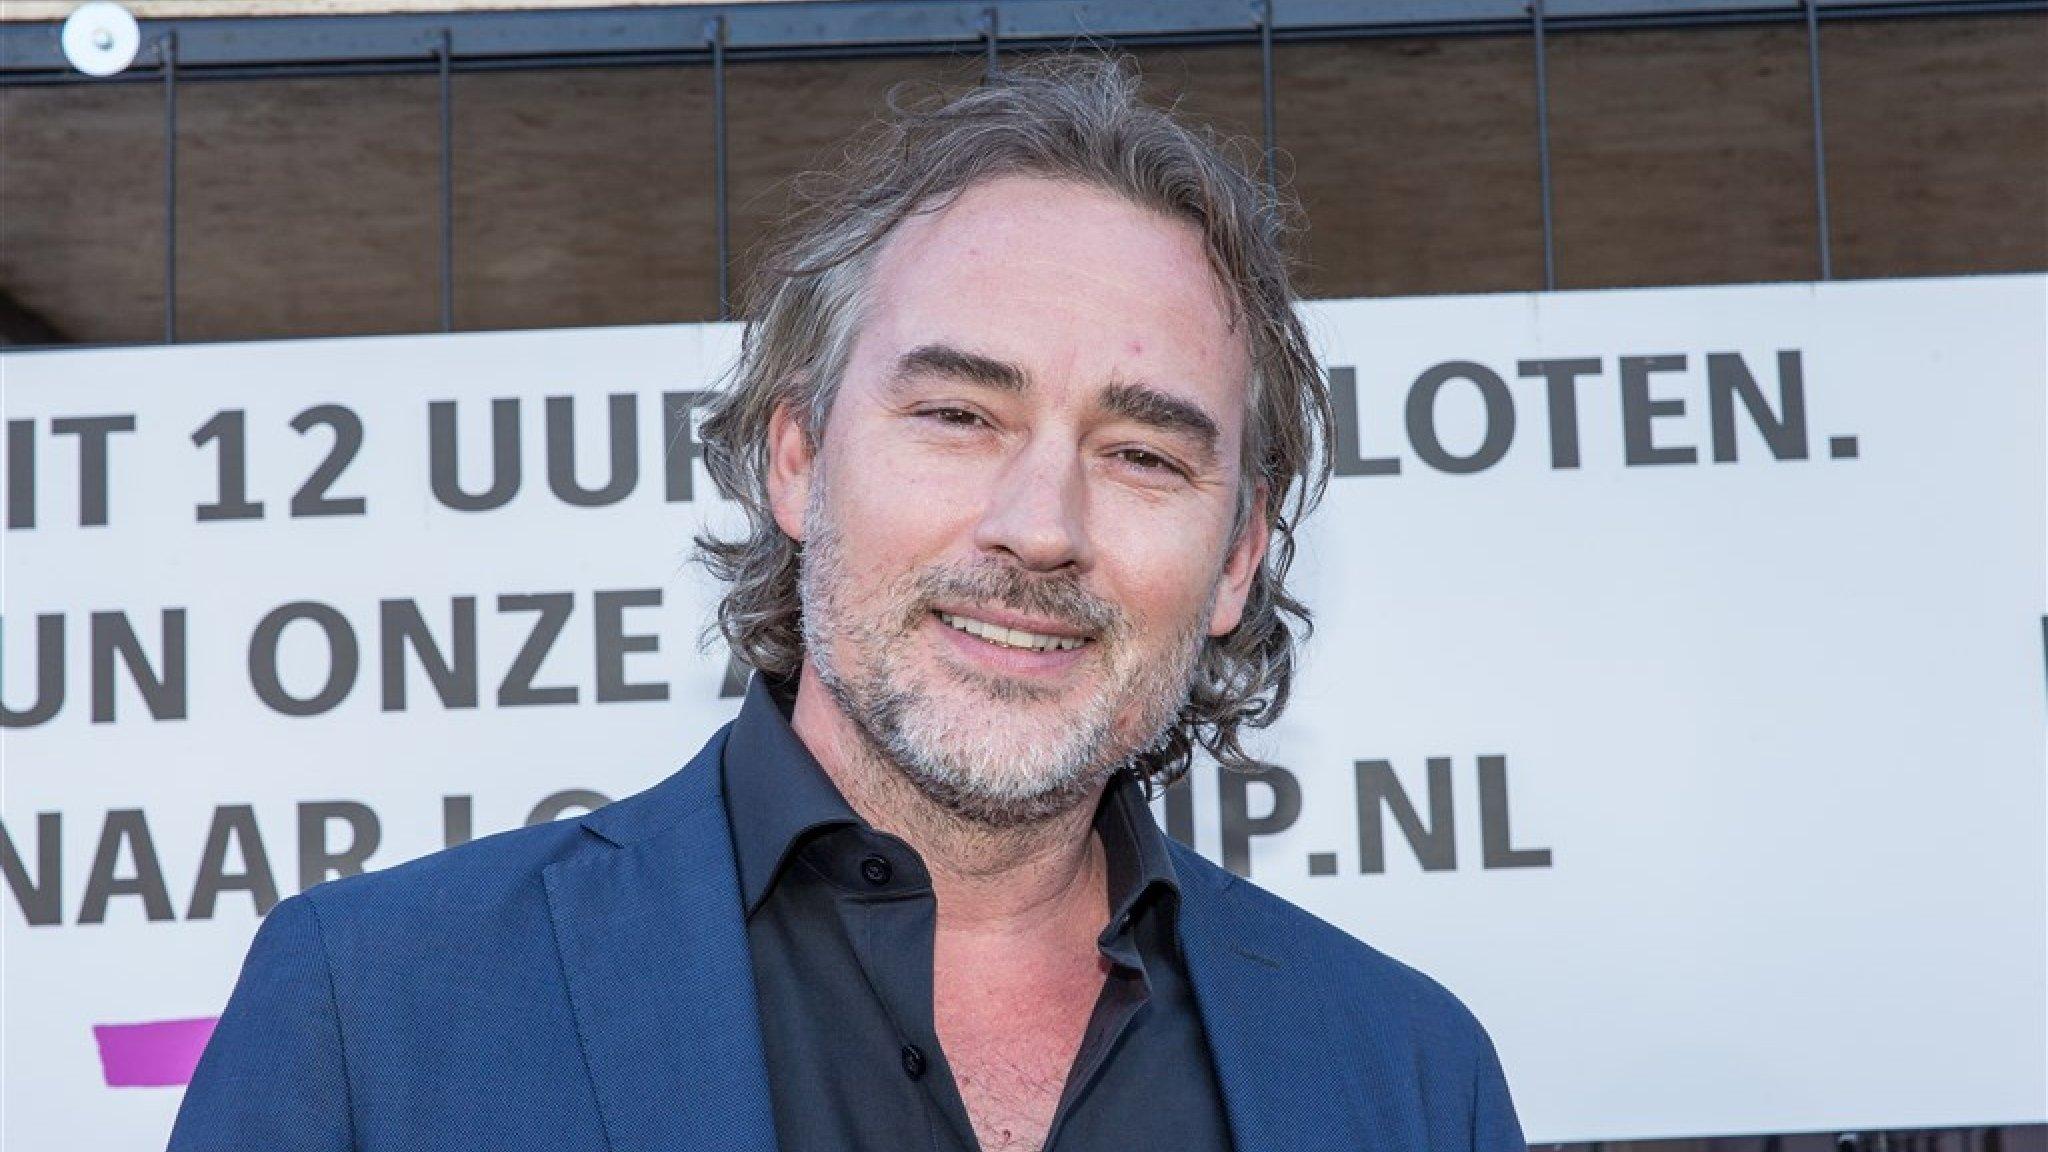 Jeroen Nieuwenhuize wordt voor het eerst vader - RTL Boulevard